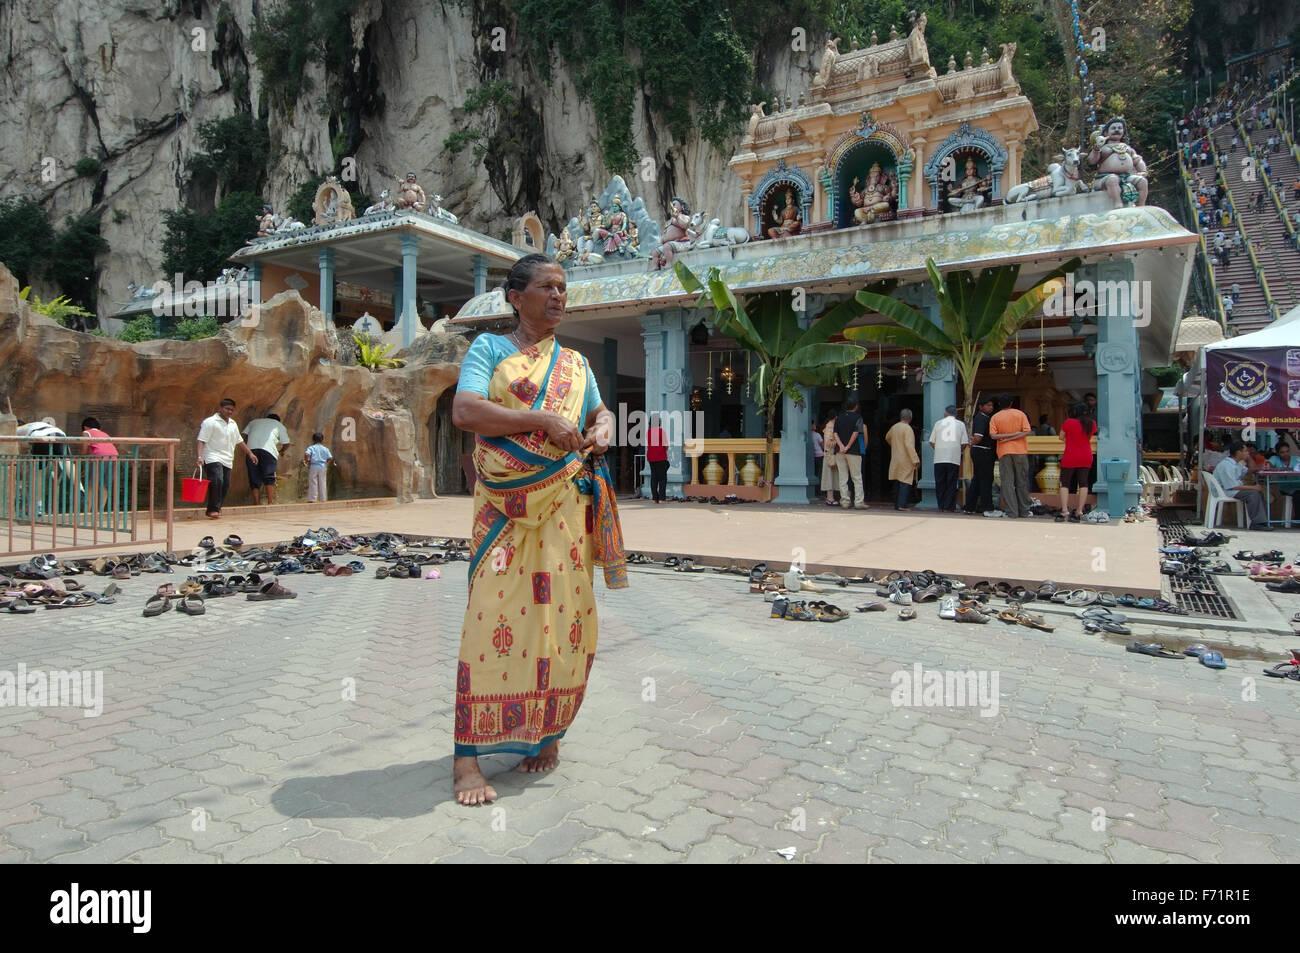 Batu Caves limestone caves and temples, Kuala Lumpur, Malaysia, Southeast Asia, Asia Stock Photo